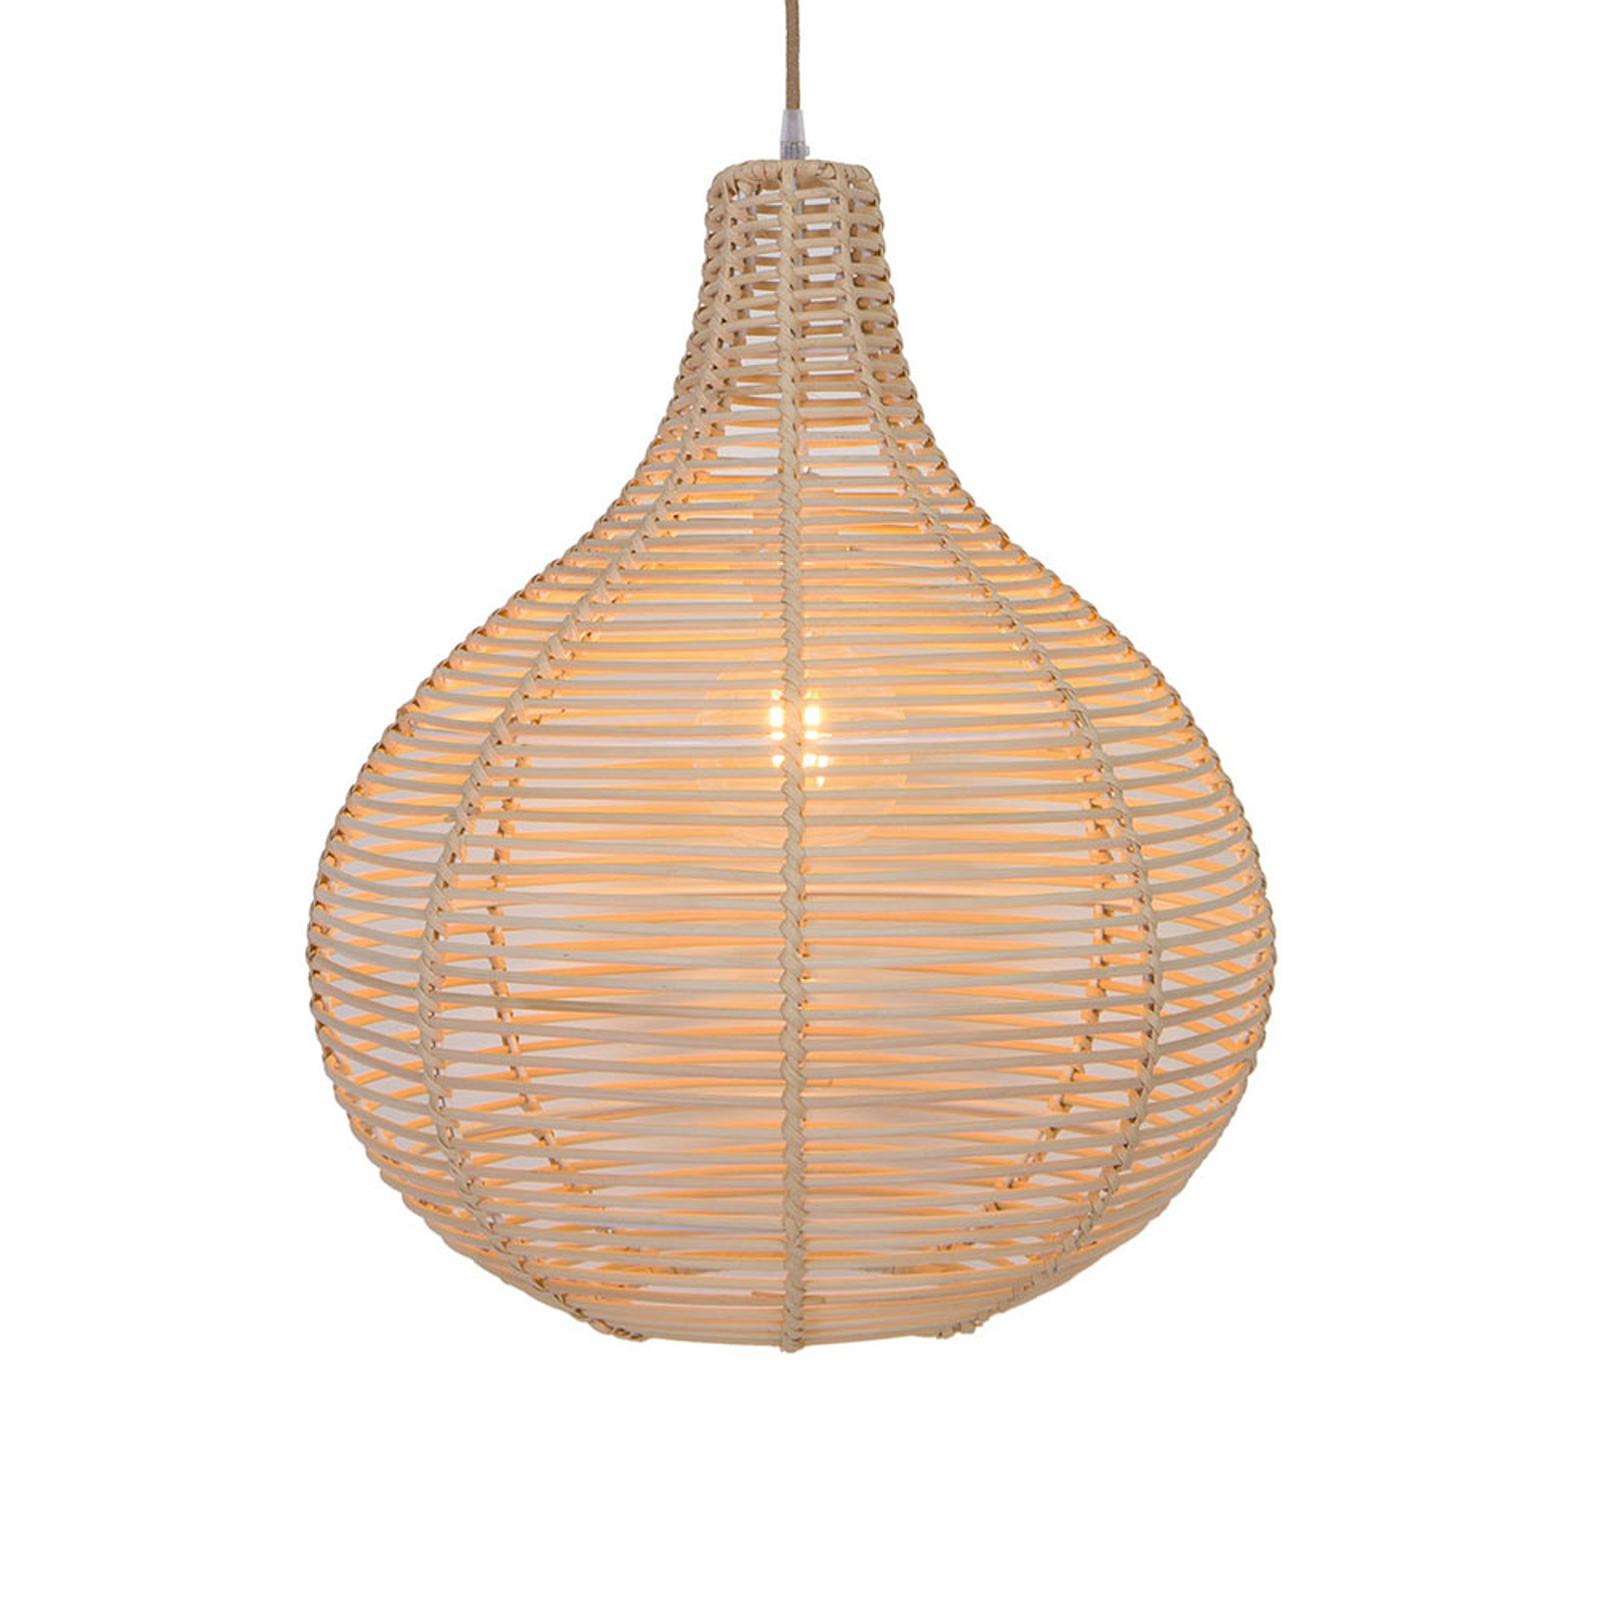 Lampa wisząca Bolita z drewna, Ø 42 cm